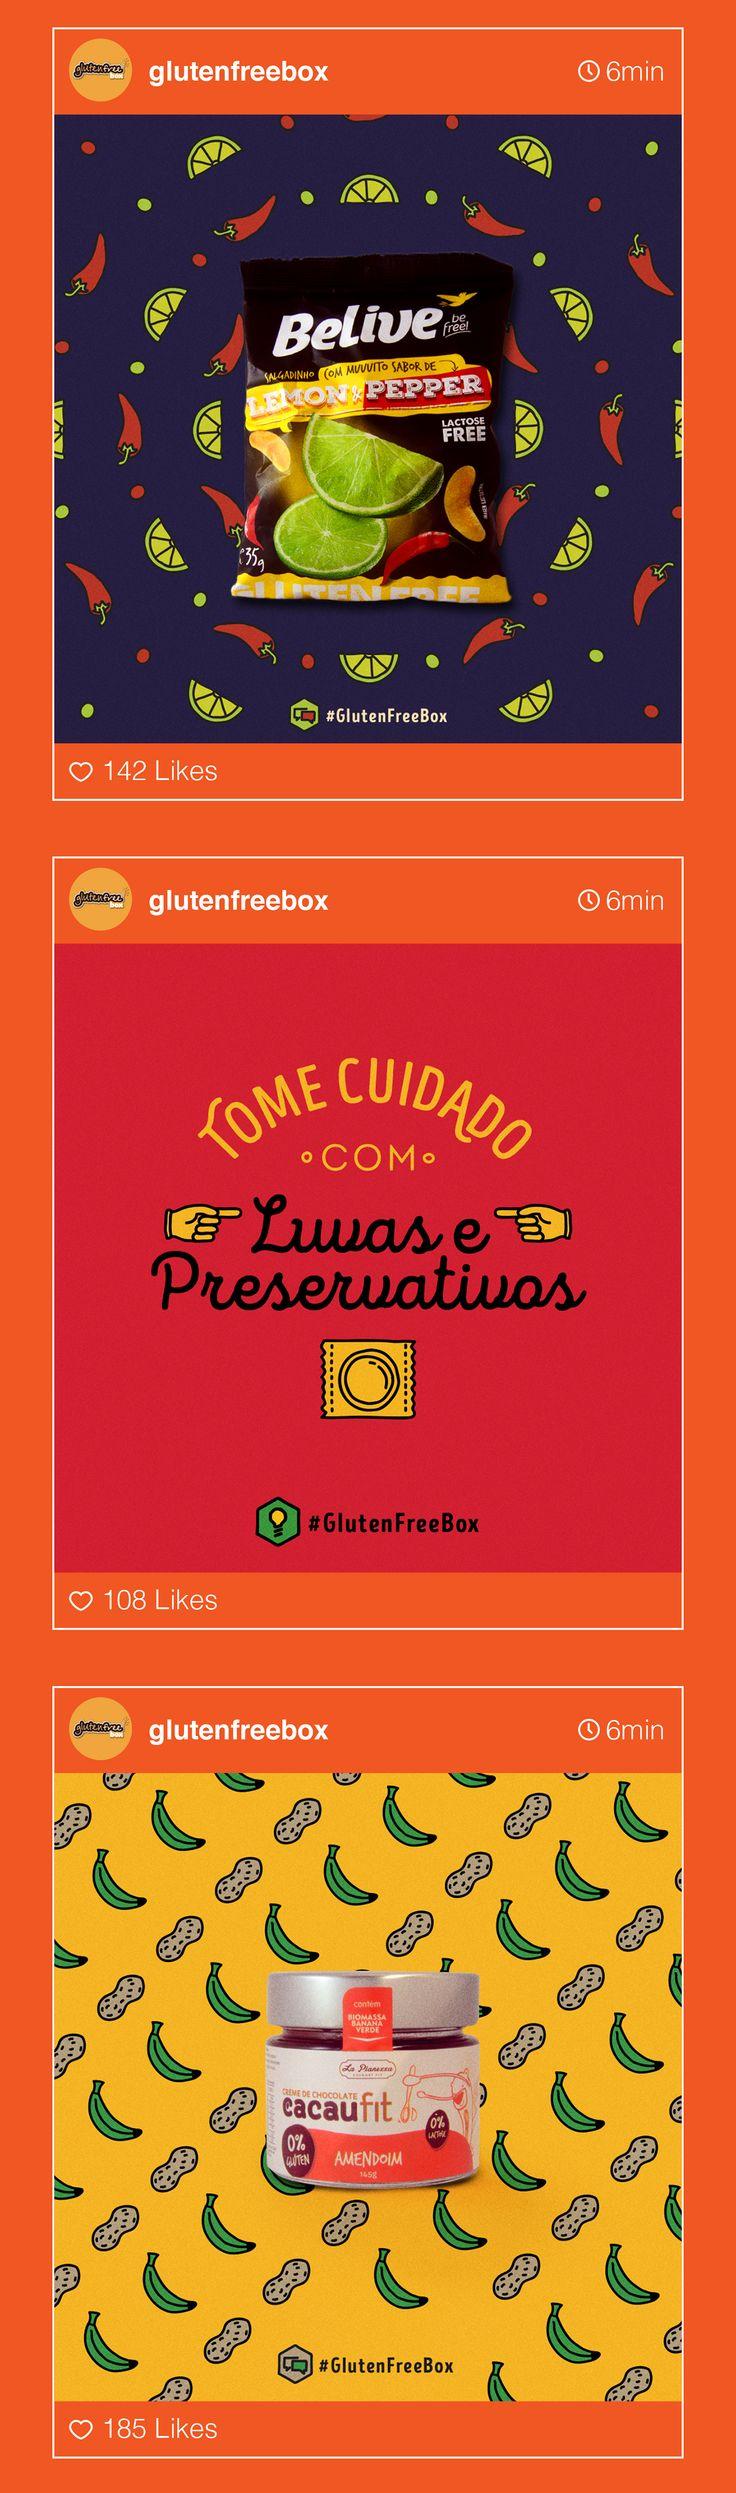 Posts de Instagram e Facebook criados para a GlutenFreeBox, empresa de assinatura de alimentos sem glúten, no período de novembro (2015) a fevereiro (2016).Designer: Jonas QueirogaFotográfia & Ilustração:Jonas QueirogaRedação & Planejamento:Mirela D…